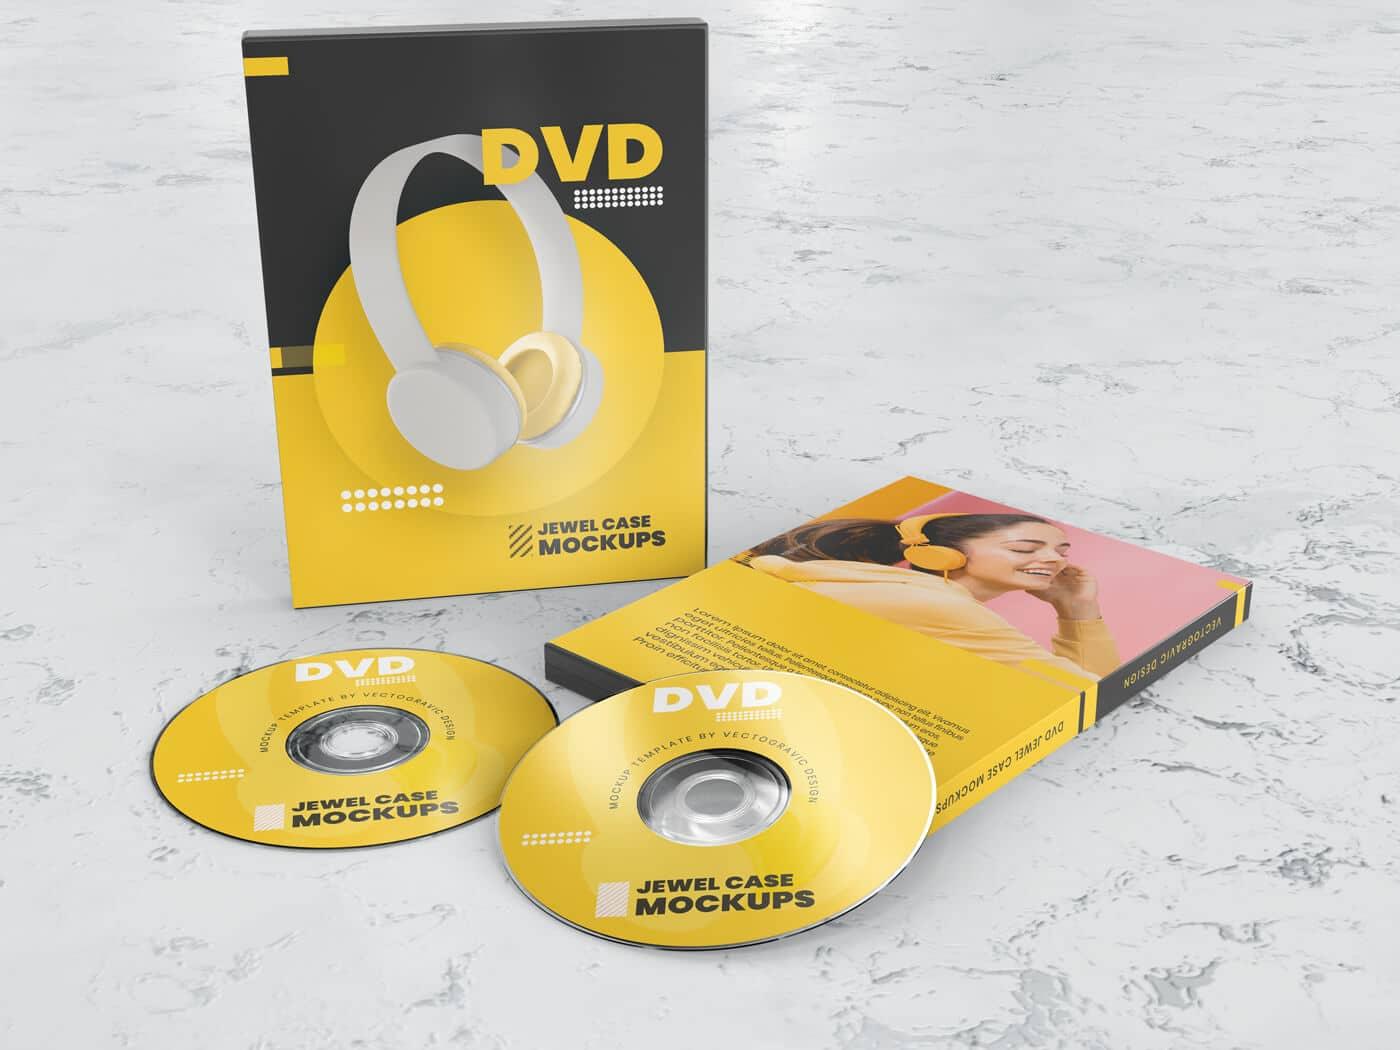 DVD Case Mockups